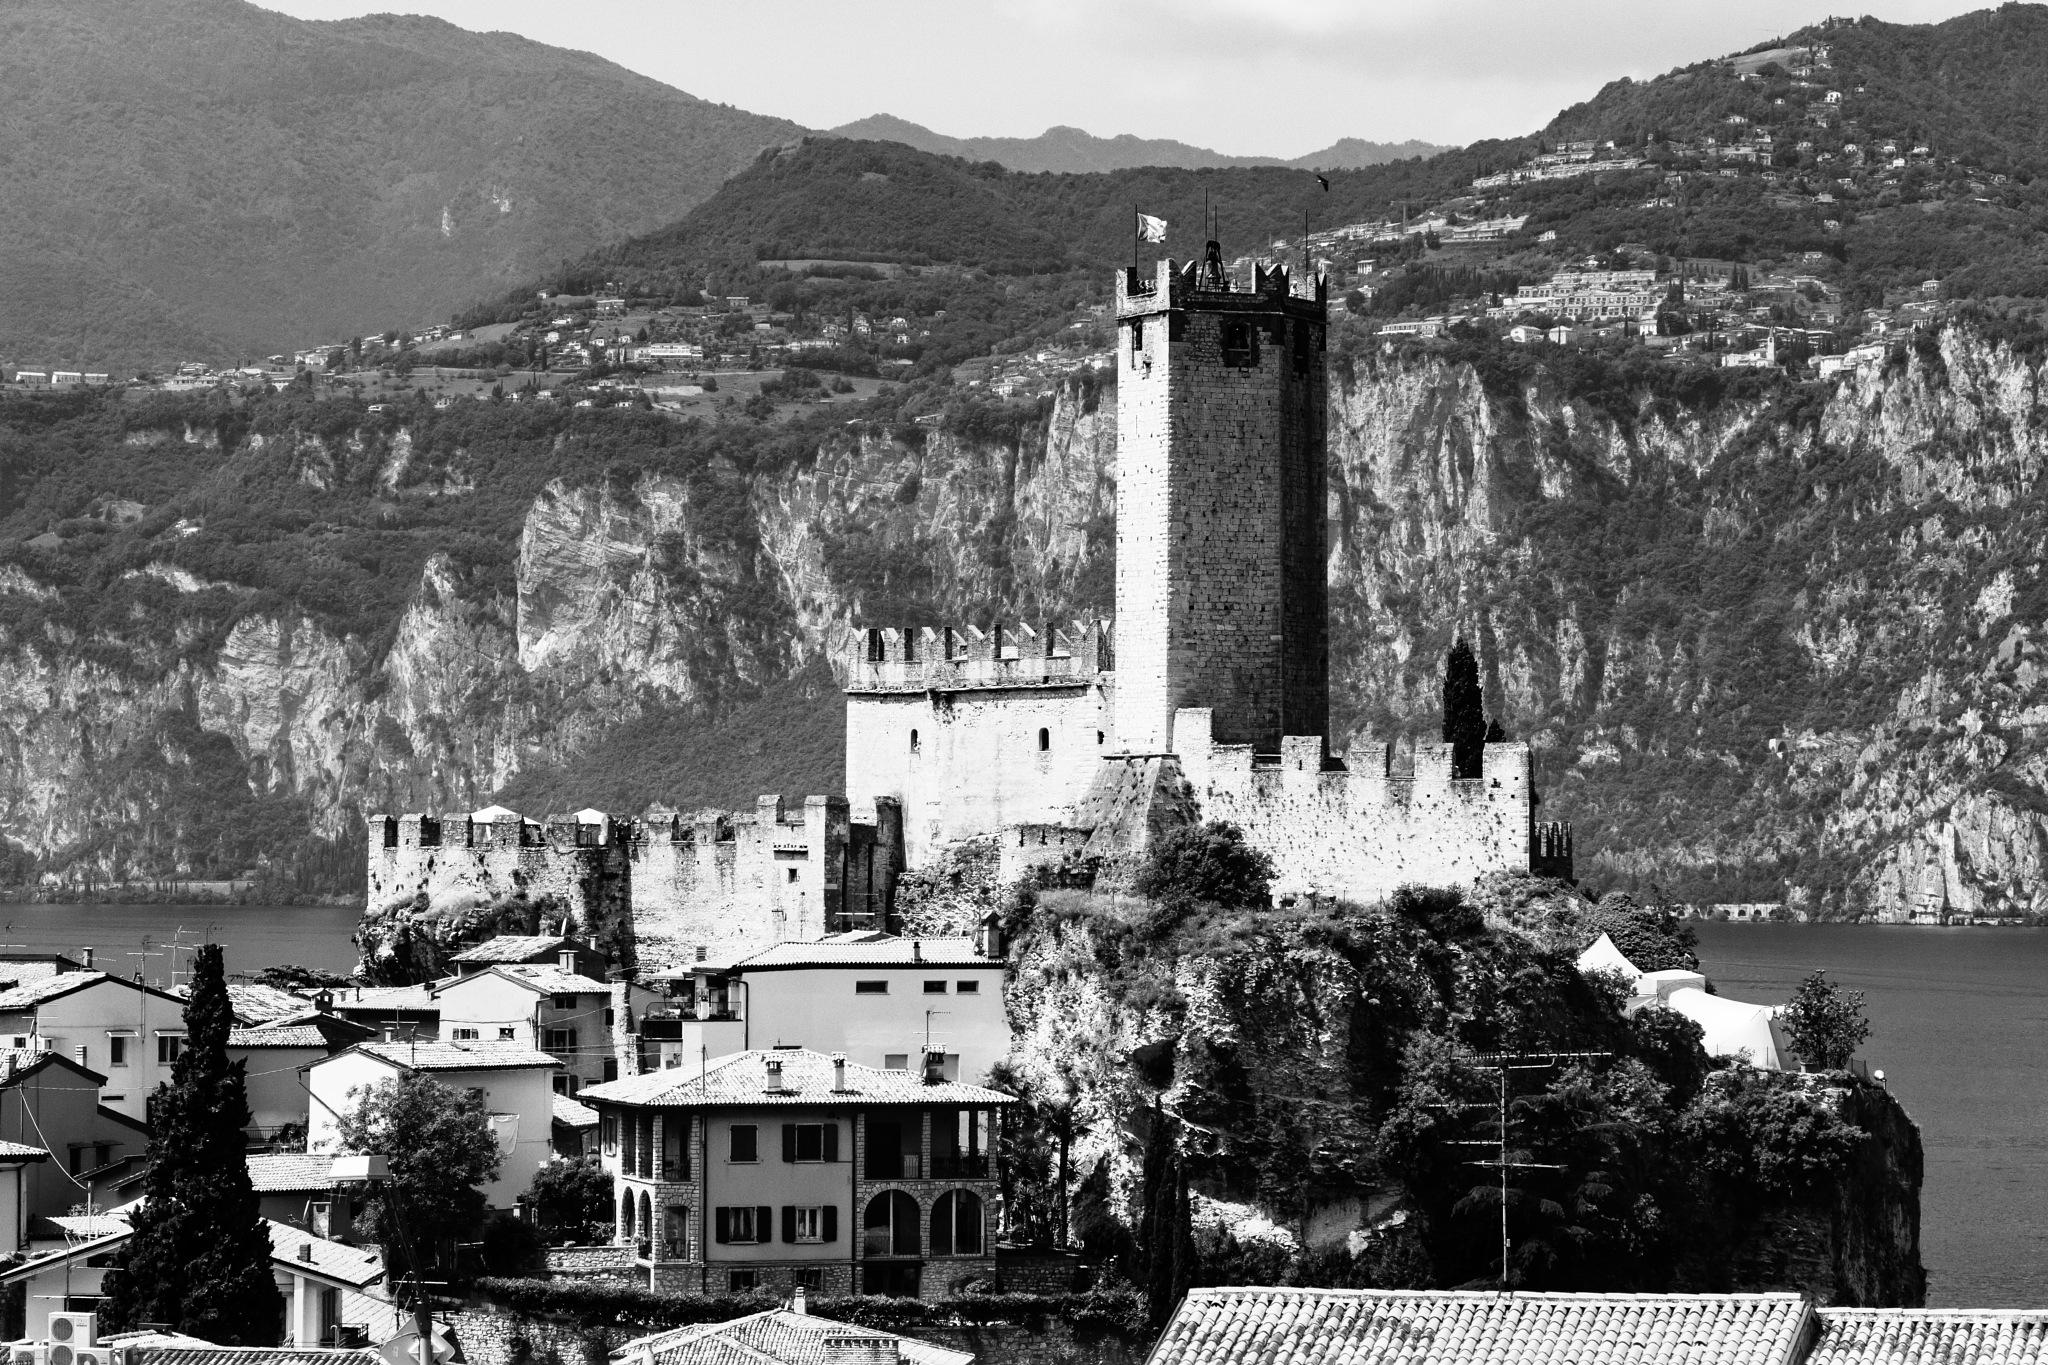 Castello di Malcesine by andreavanzini